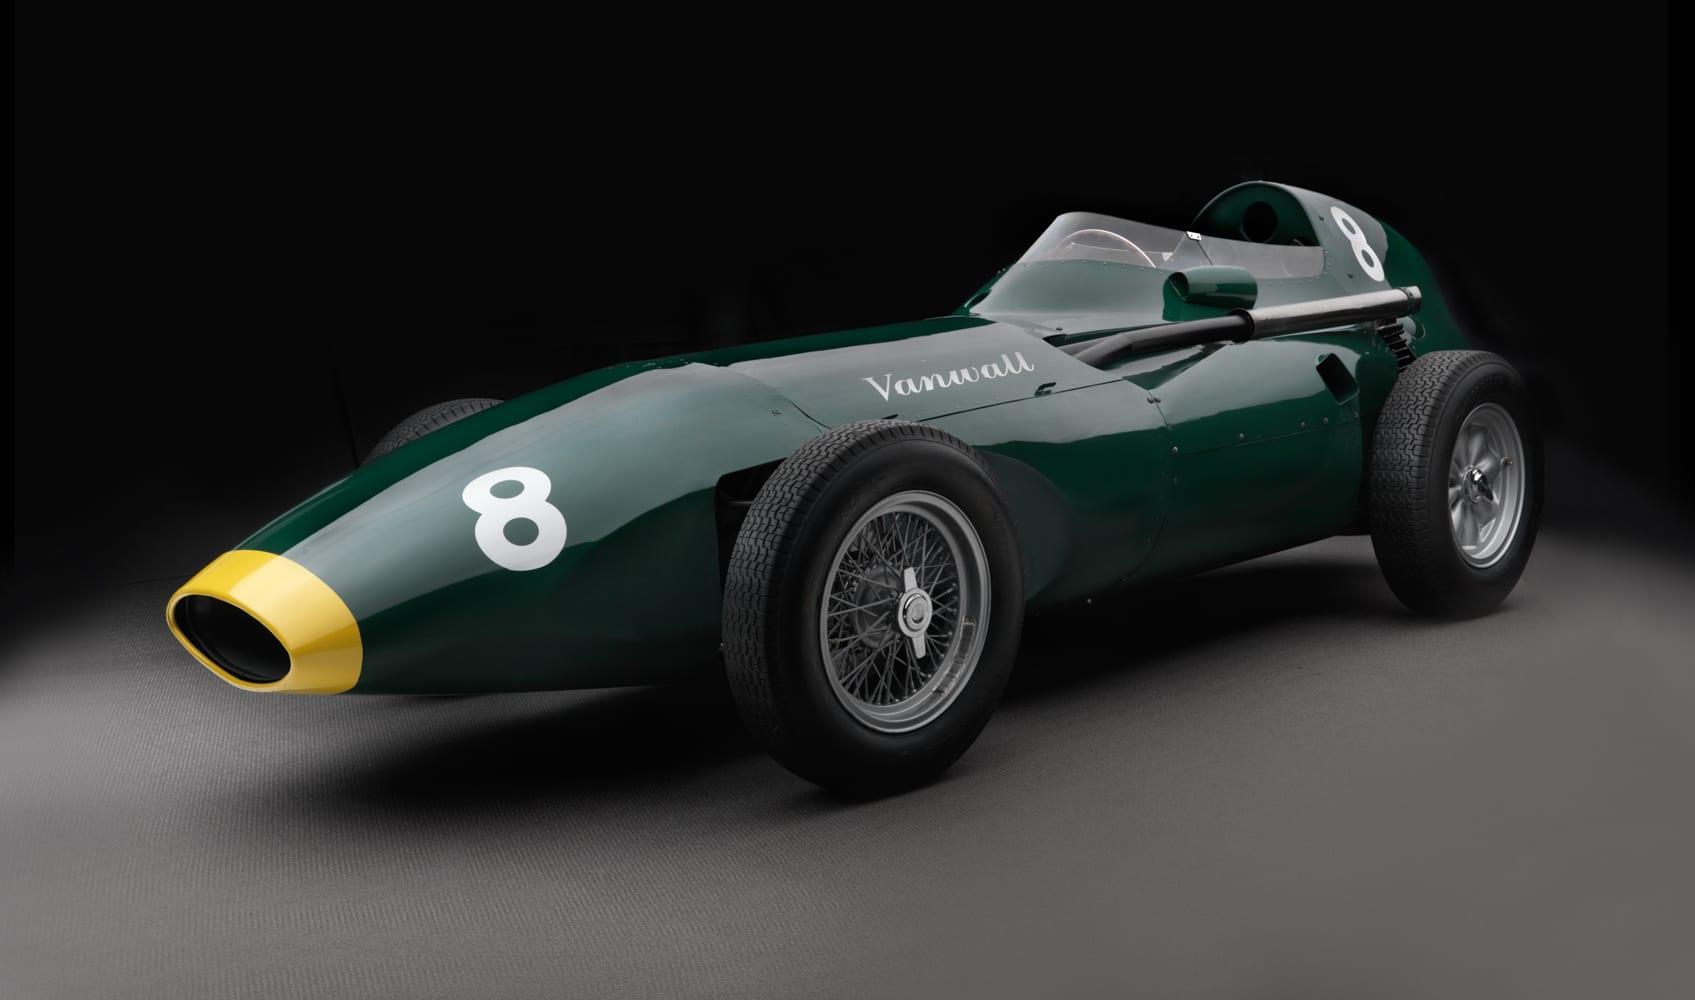 The Revs Institute 1958 Vanwall Formula 1